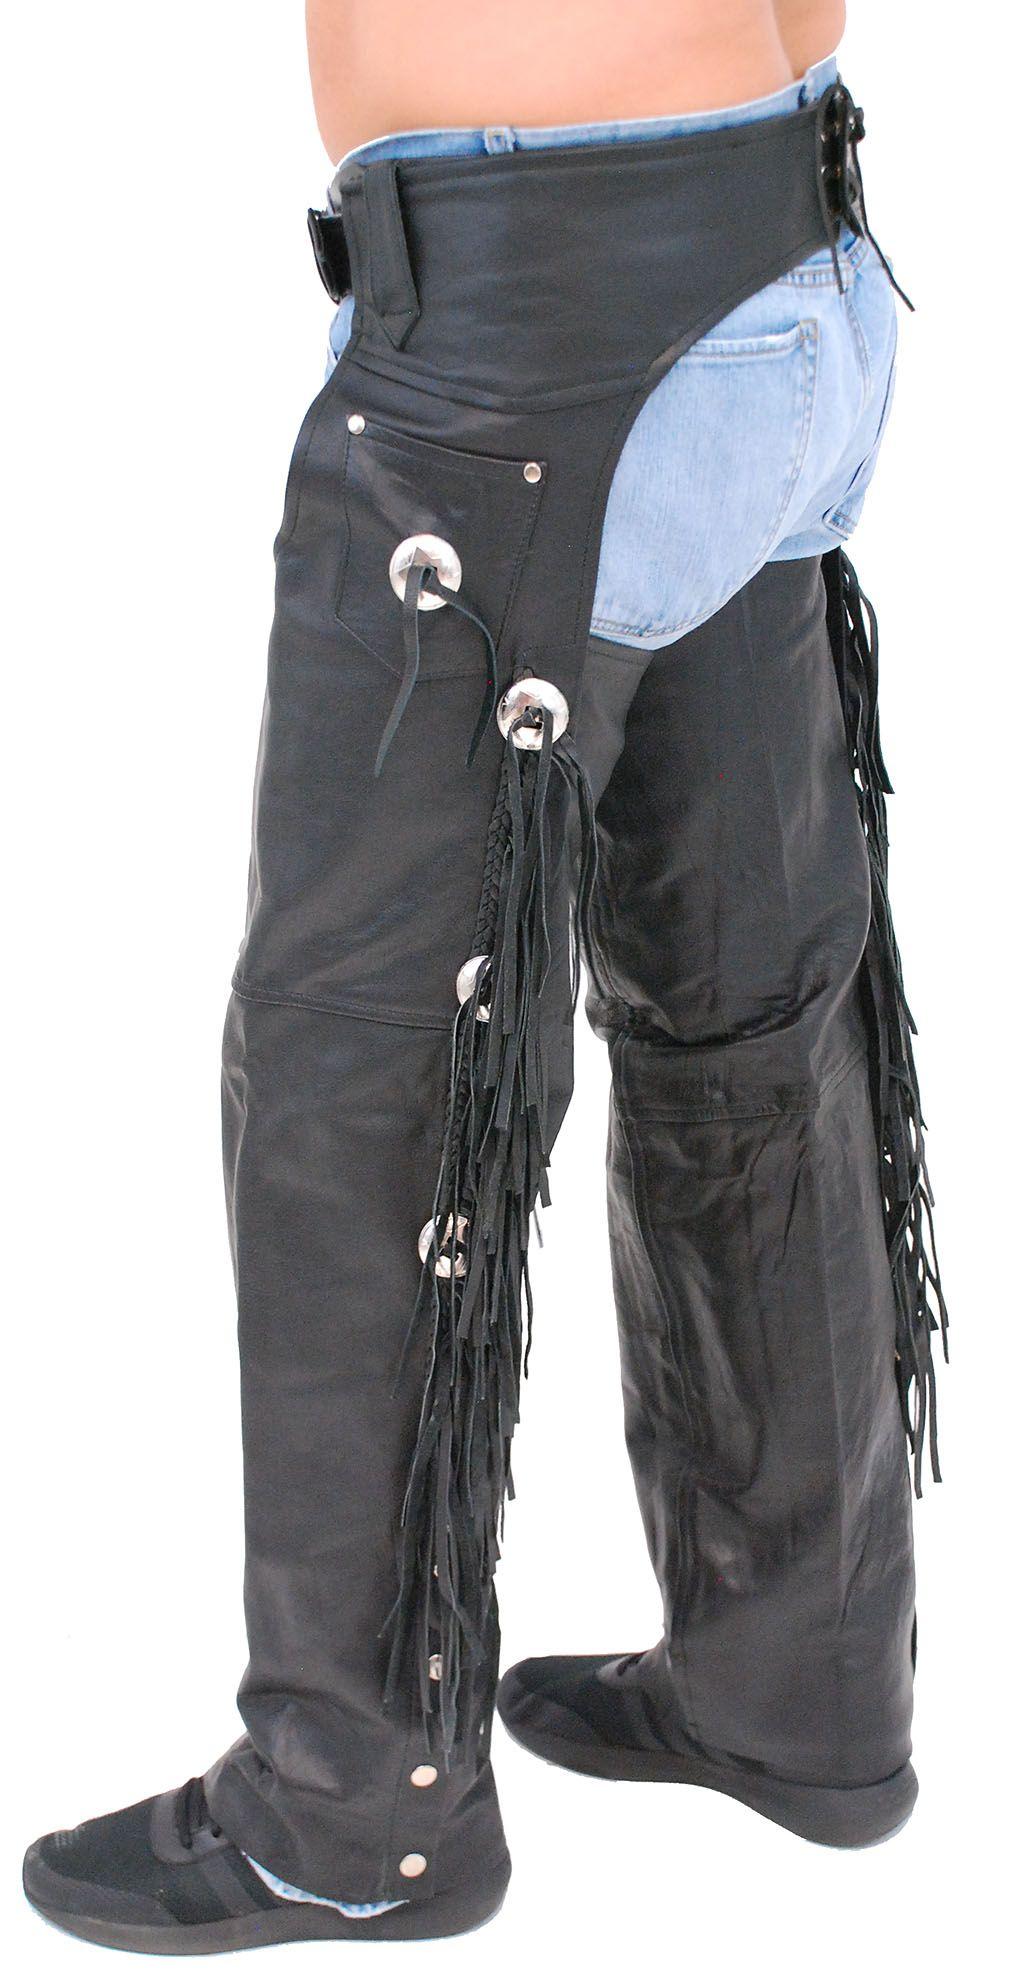 Buffalo Leather Chaps W Fringe Conchos C701cfb Leather Chaps Buffalo Leather Chaps